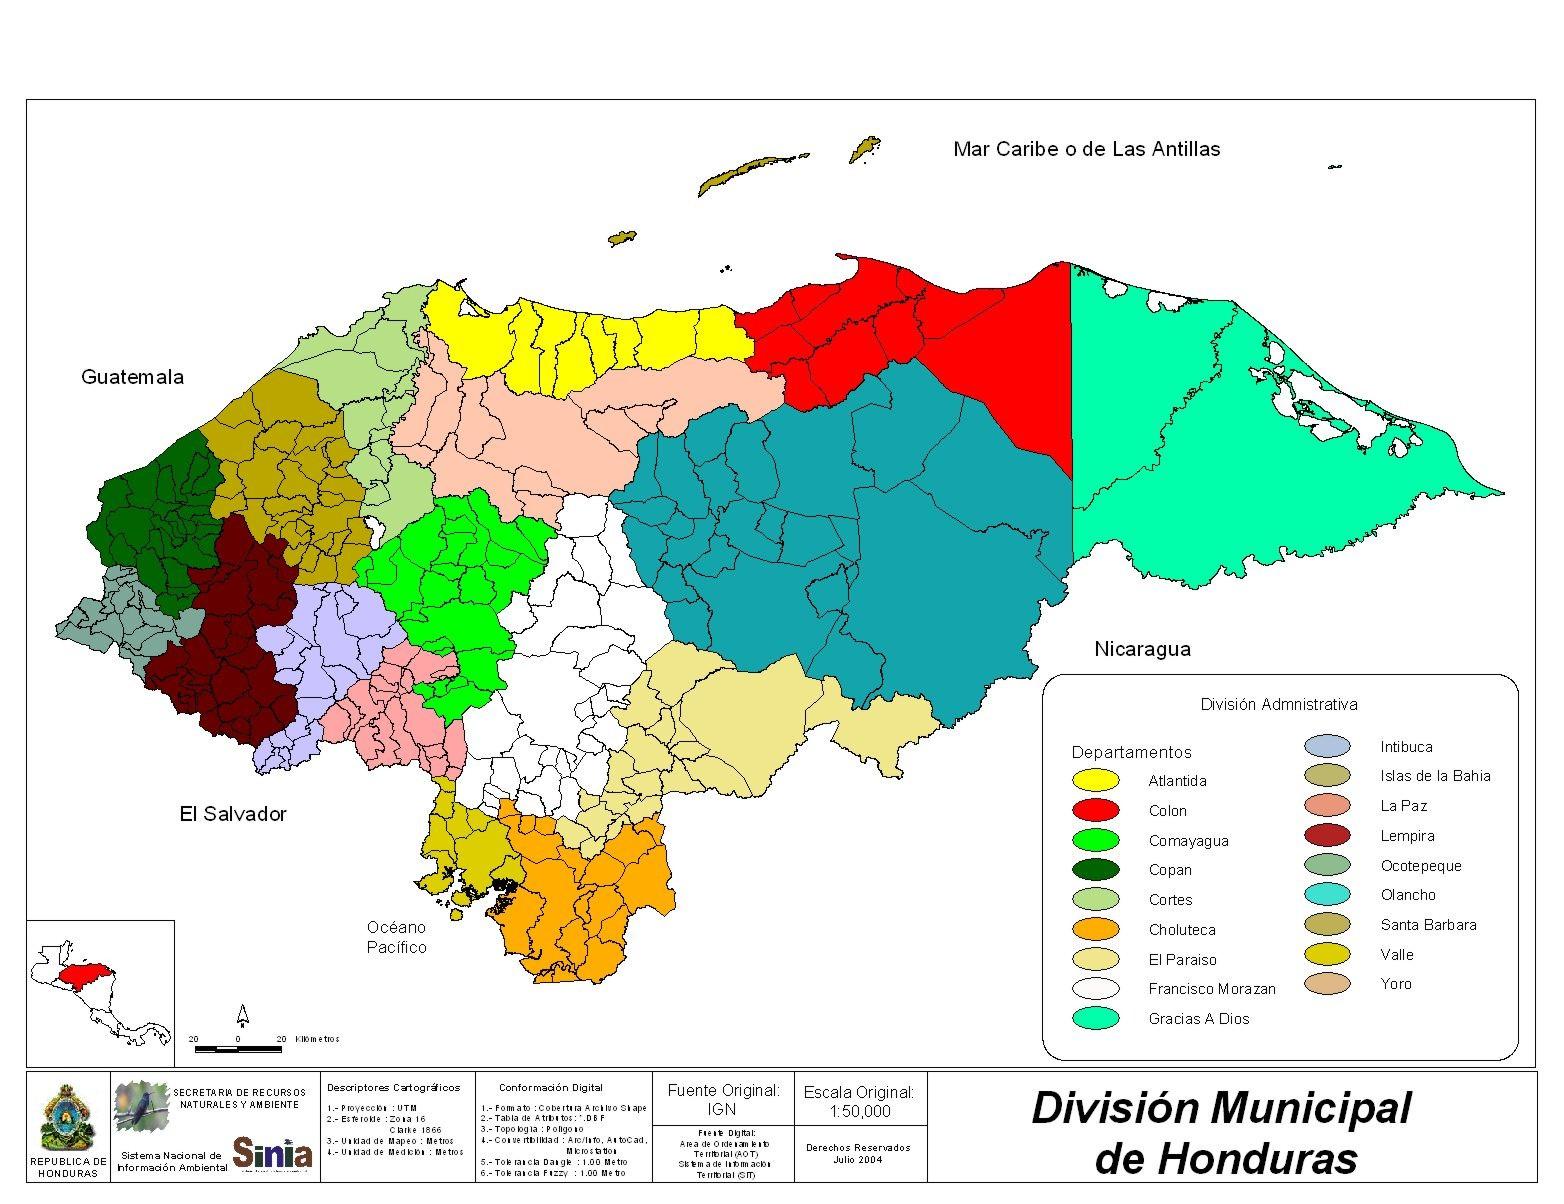 Honduras Municipal Division Map